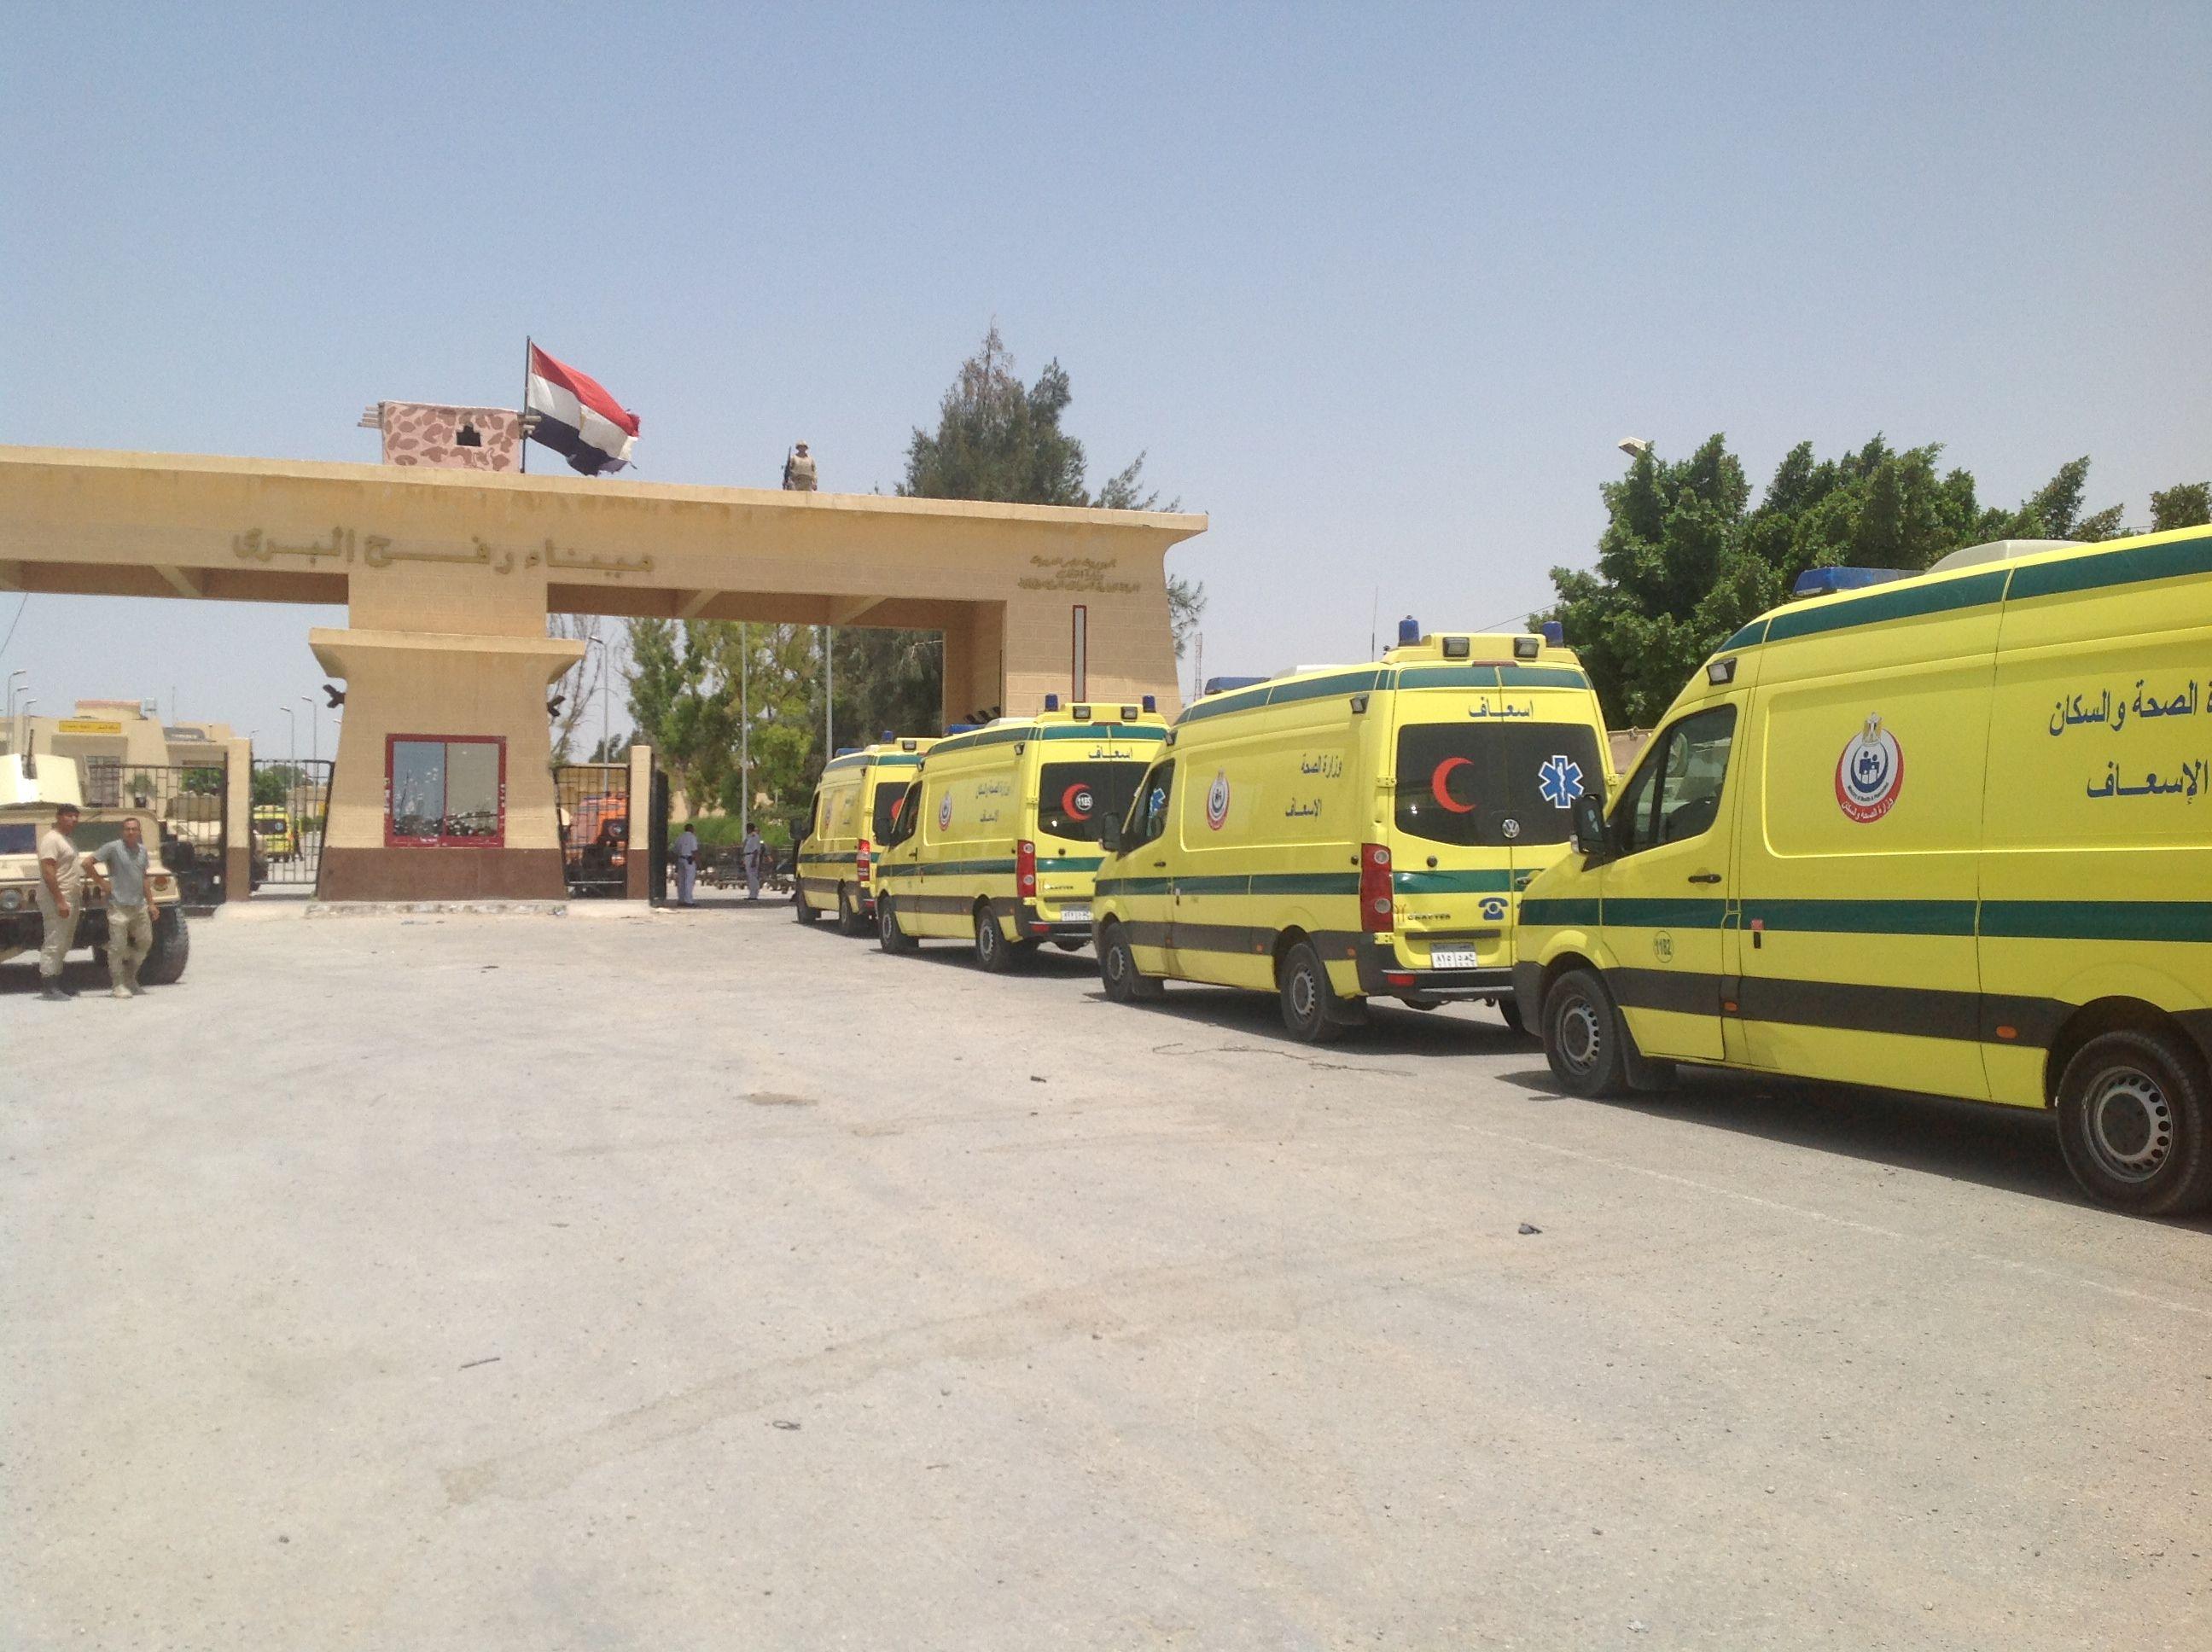 سيارات الإسعاف المصرية أمام معبر رفح في انتظار جرحى غزة